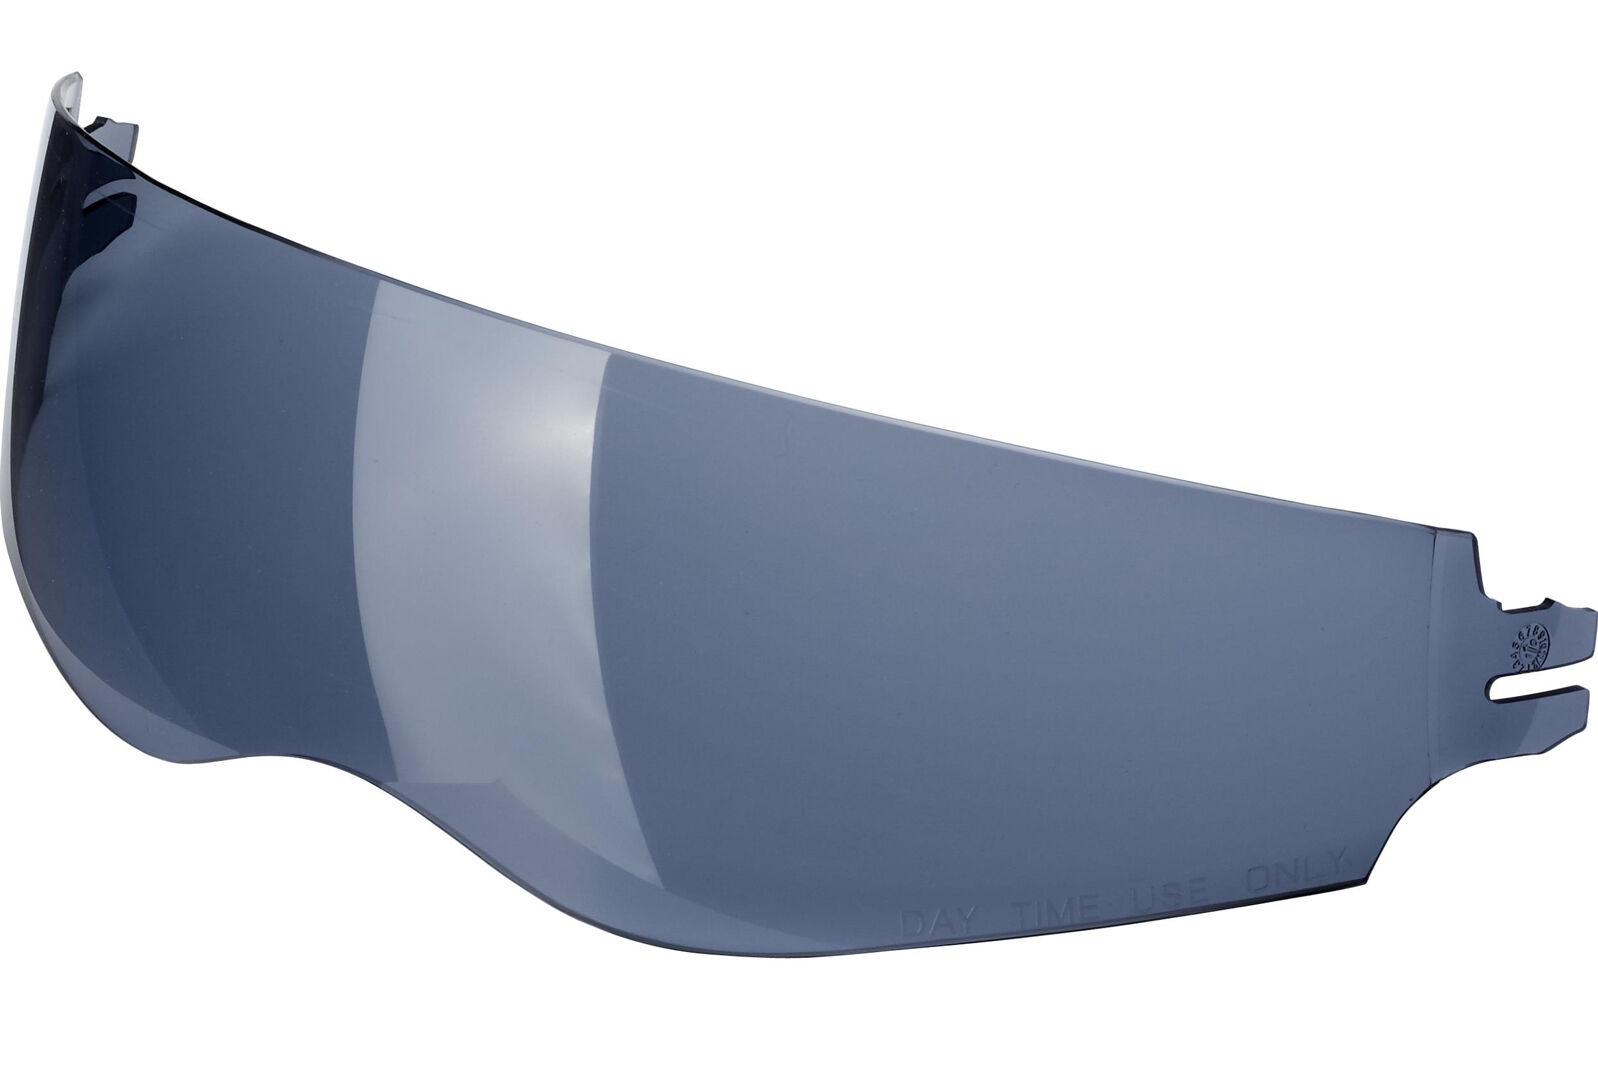 Shark Evoline AR V.3 Sun Visor Solskjerm en størrelse Grå